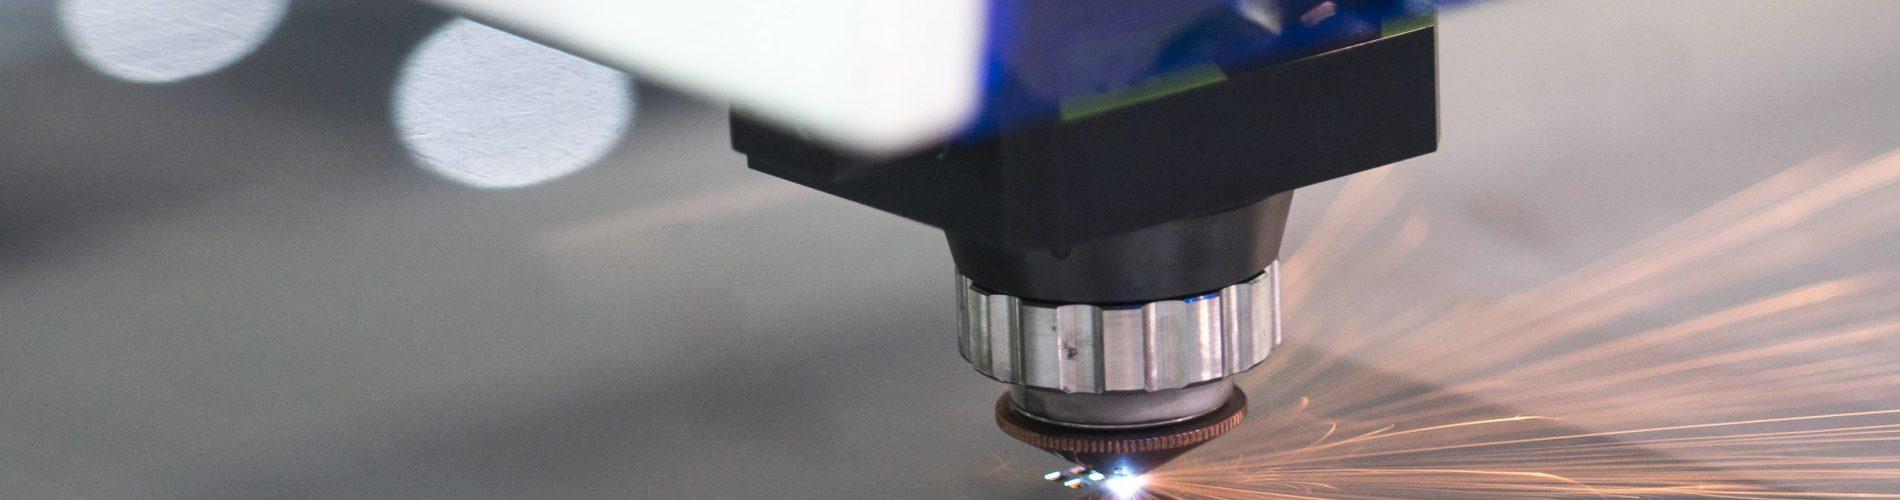 High precision CNC laser welding metal sheet, high speed cutting, laser welding,